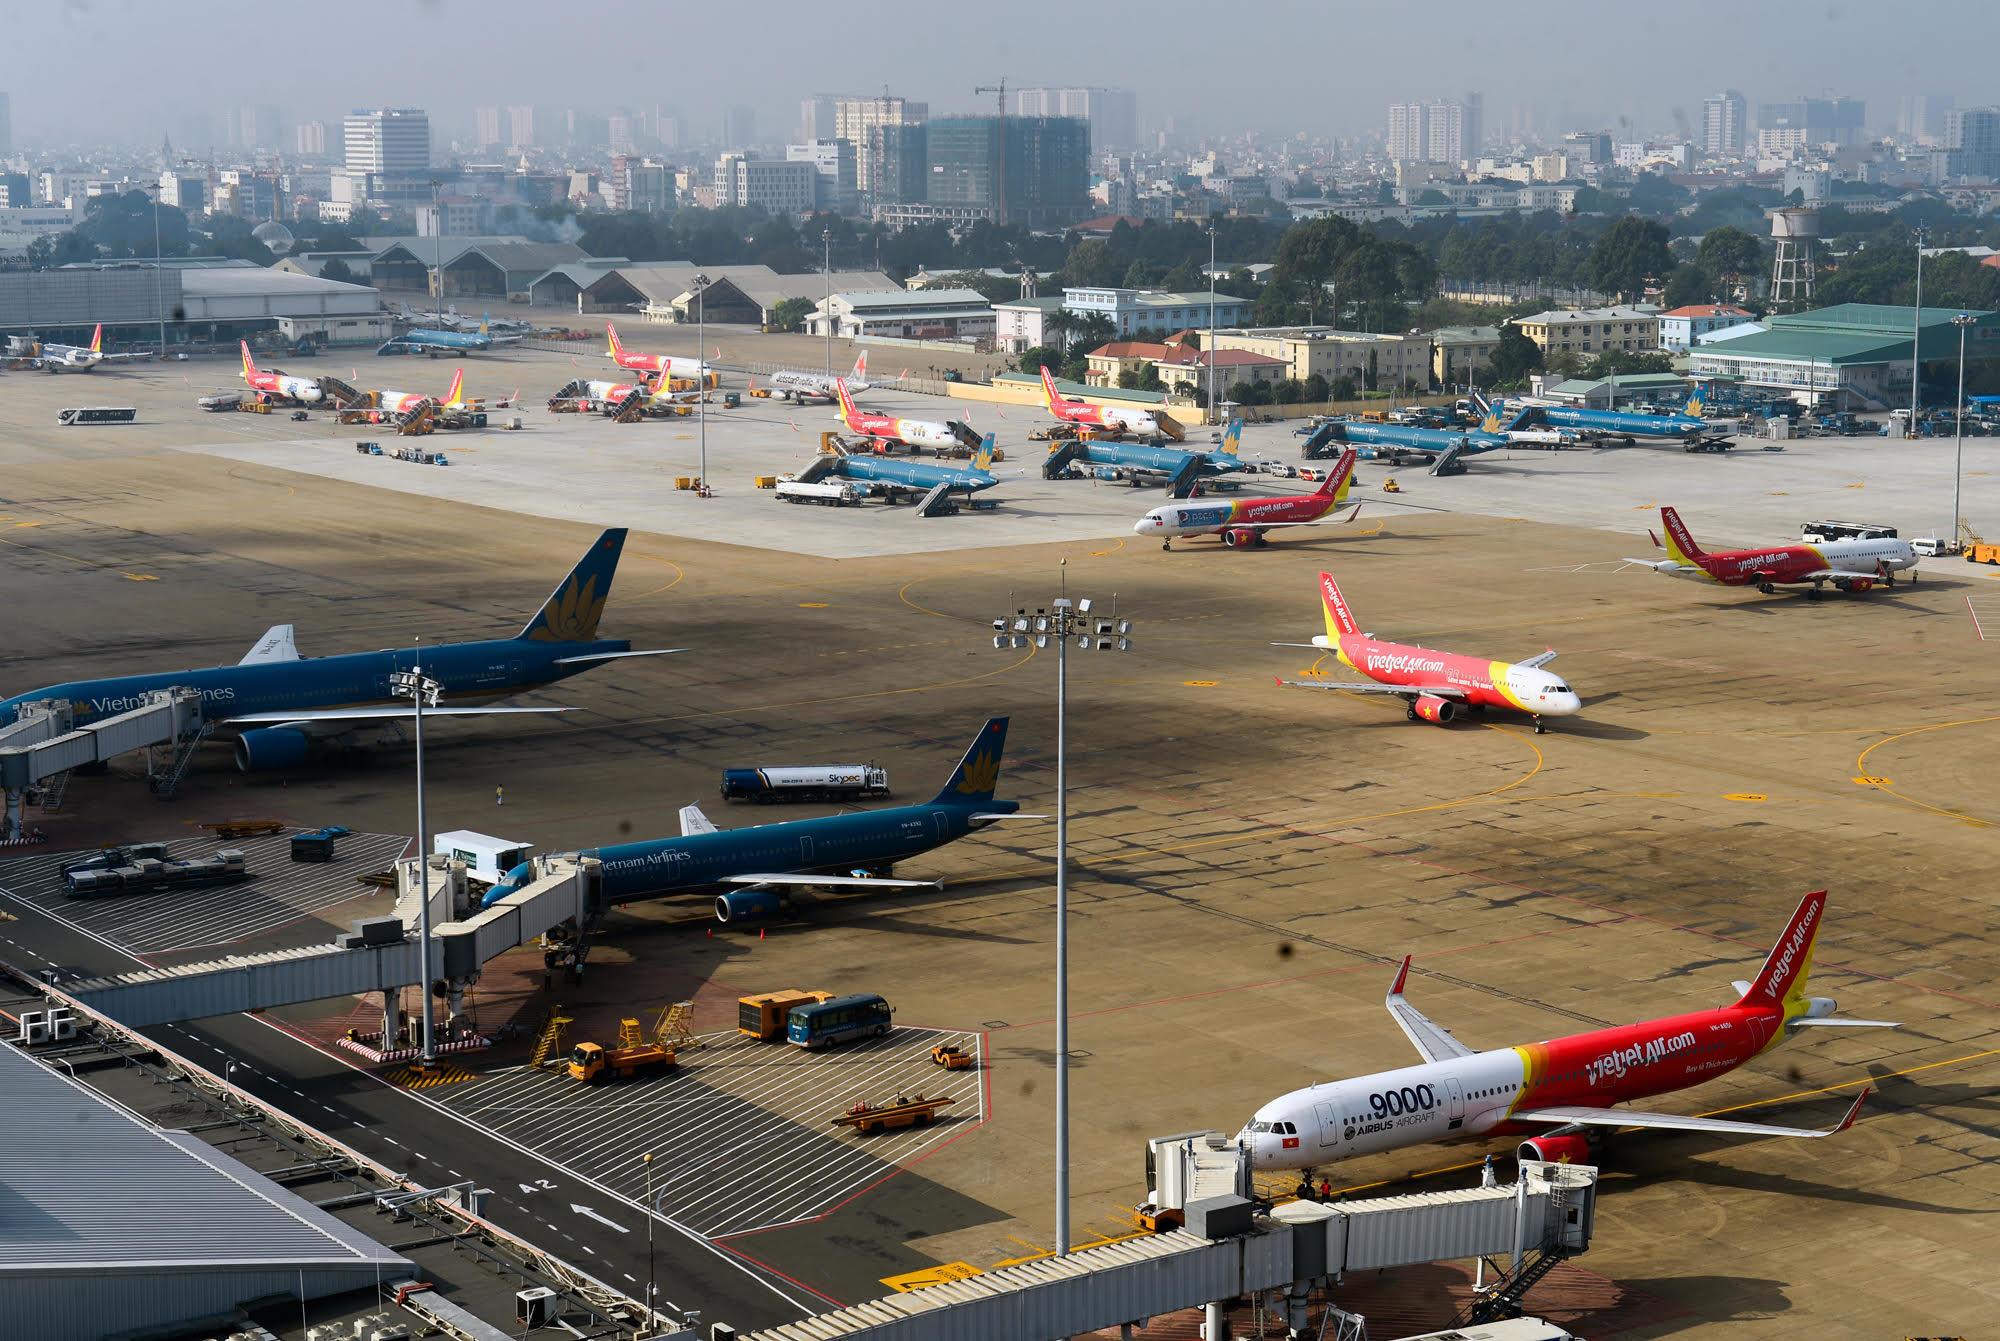 Bộ GTVT đề xuất miễn thuế nhập khẩu, thuế bảo vệ môi trường đối với nhiên liệu bay của các hãng hàng không đến hết năm 2020 - Ảnh 1.